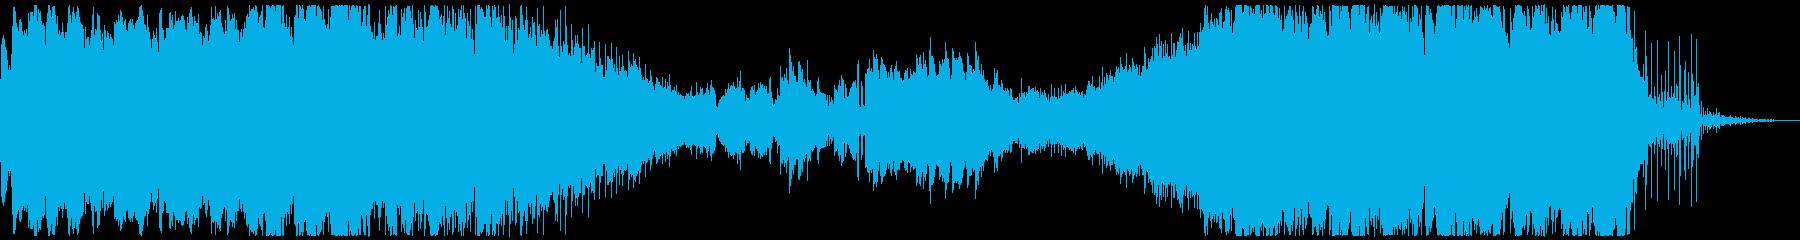 ノスタルジーでローファイなアンビエントの再生済みの波形